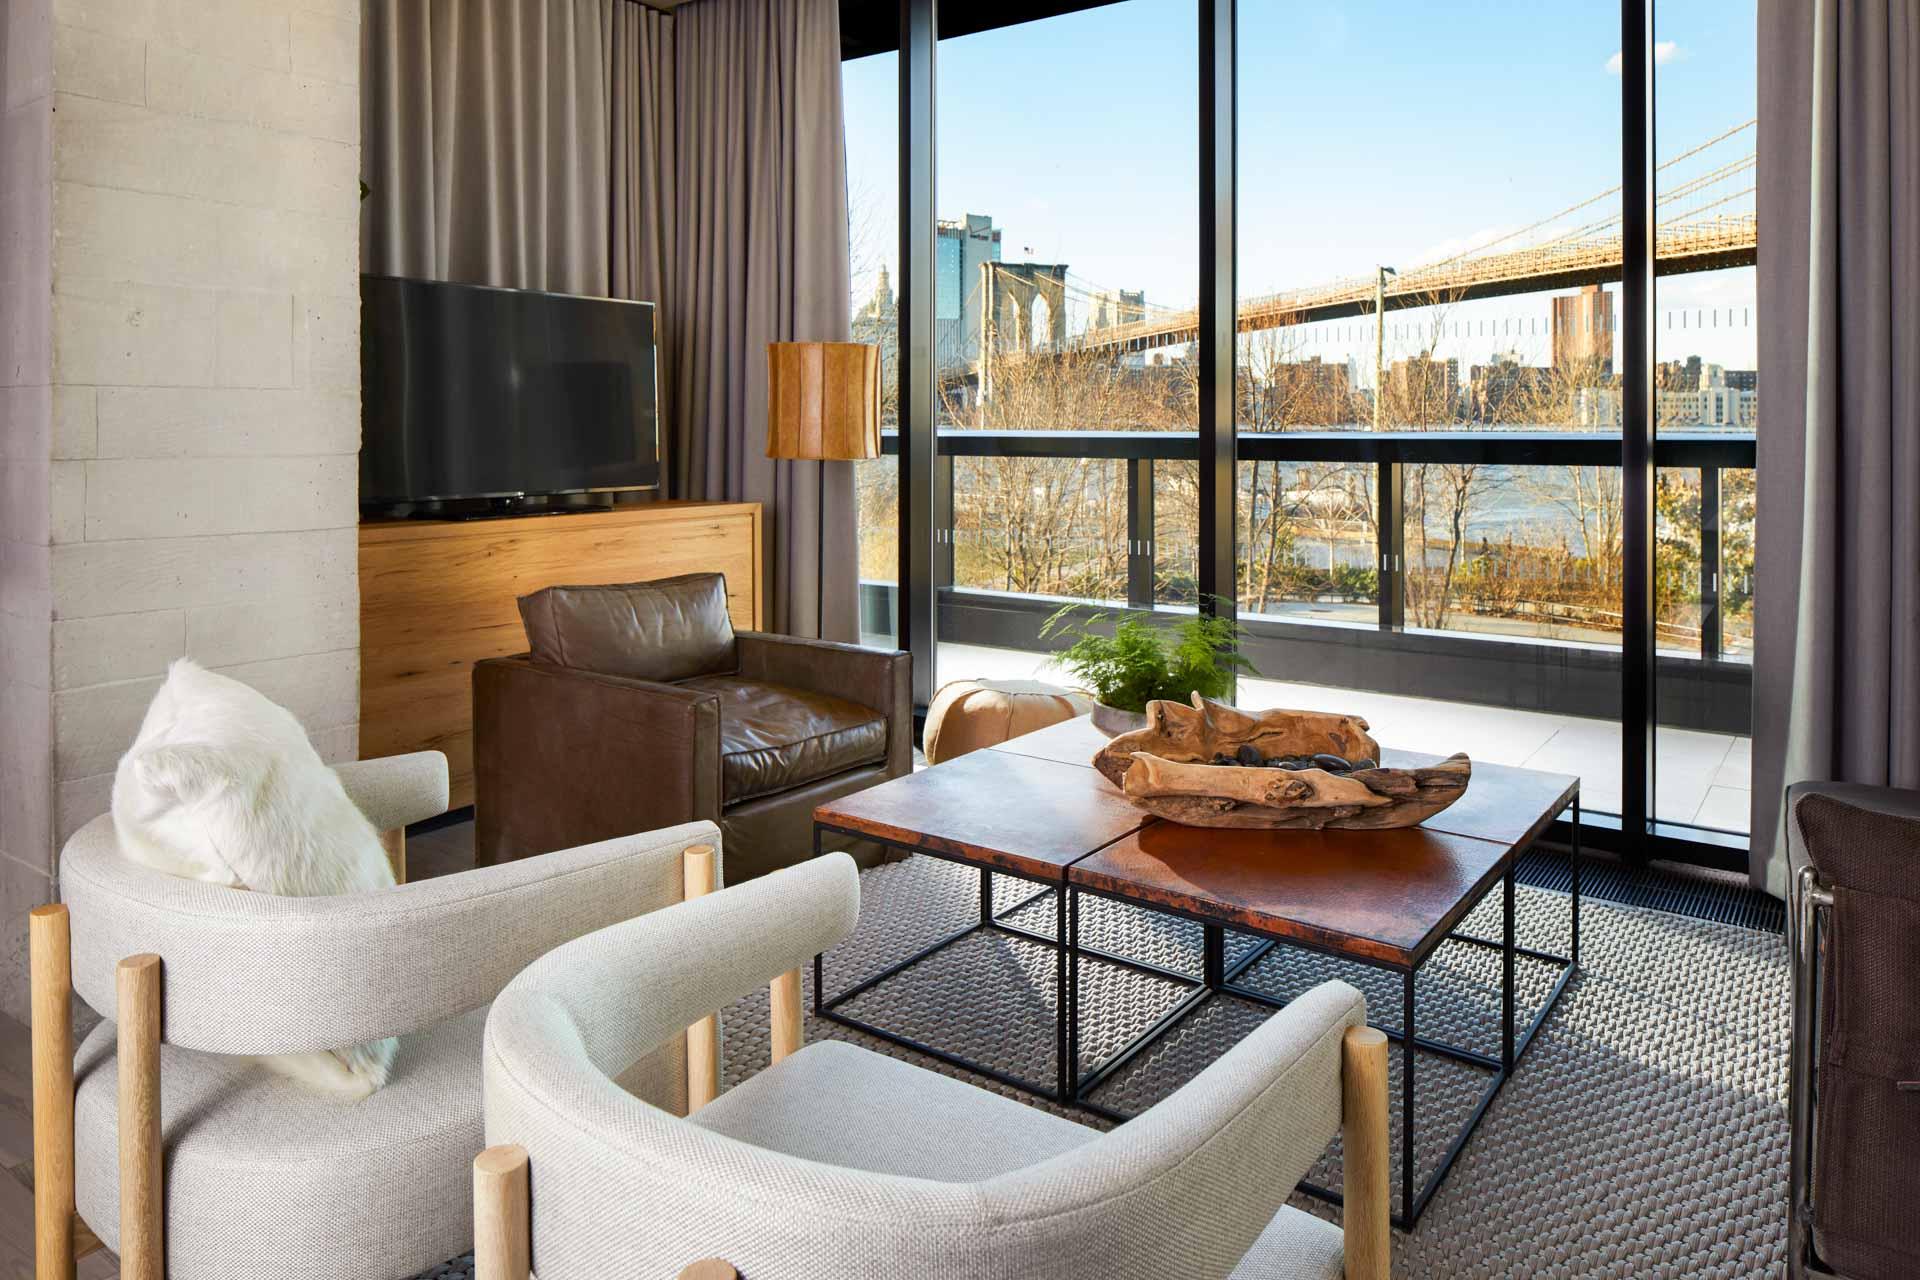 ... contrastent avec les parties communes de l'hôtel, comme le lounge Sweet Grass